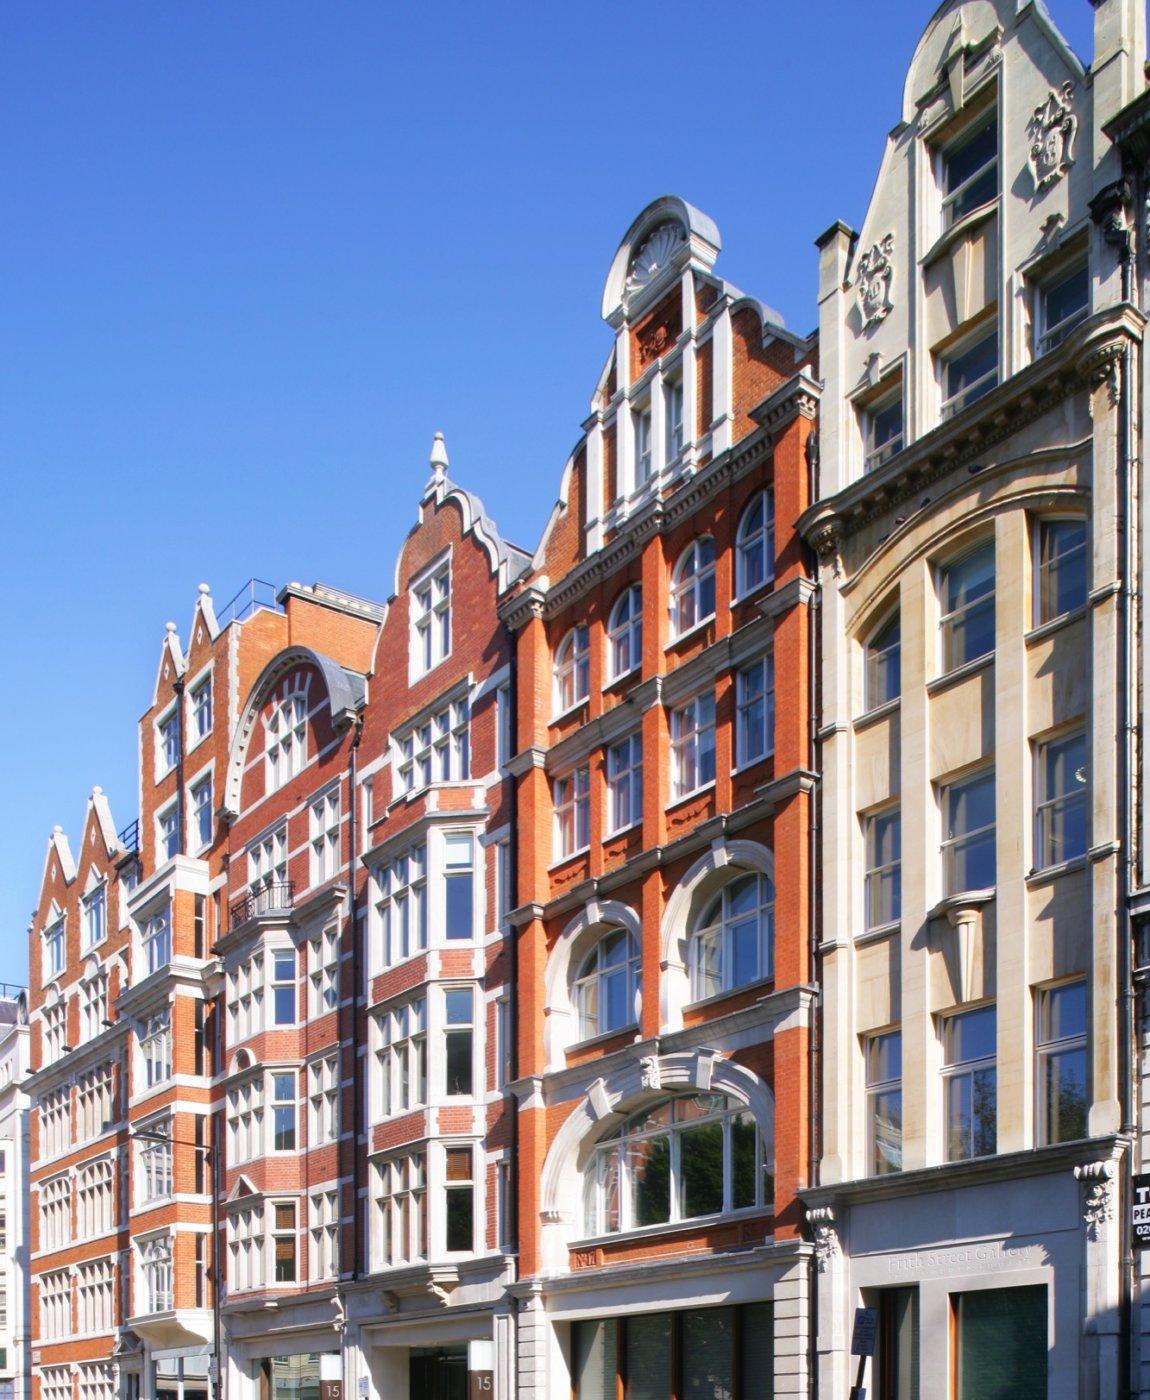 The Golden Square Estate, W1